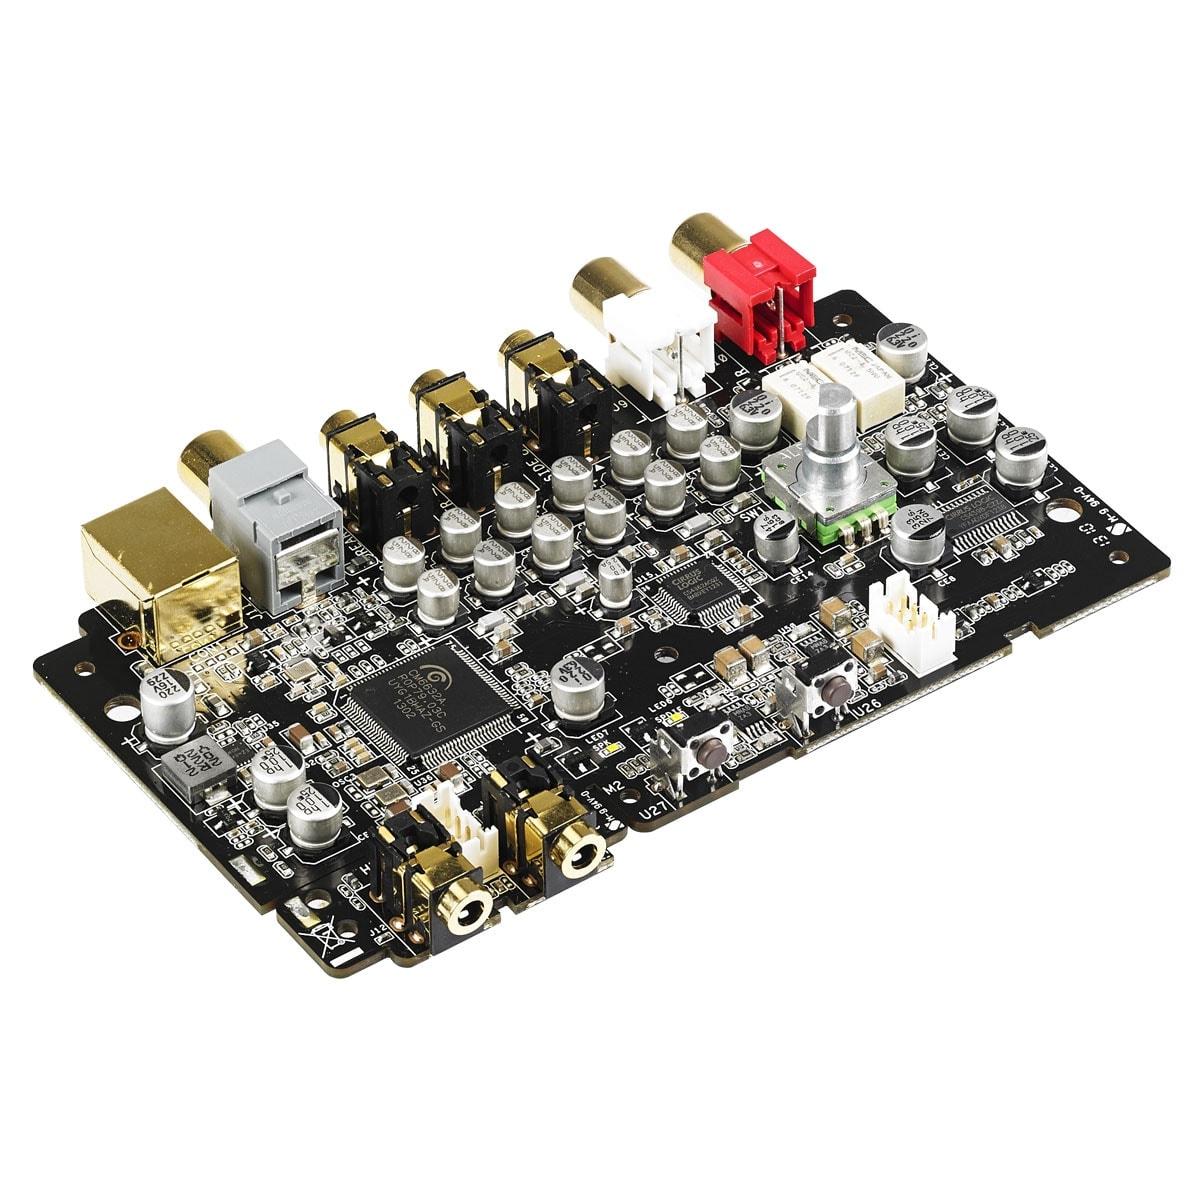 Asus Xonar U7 - Carte son Asus - Cybertek.fr - 2